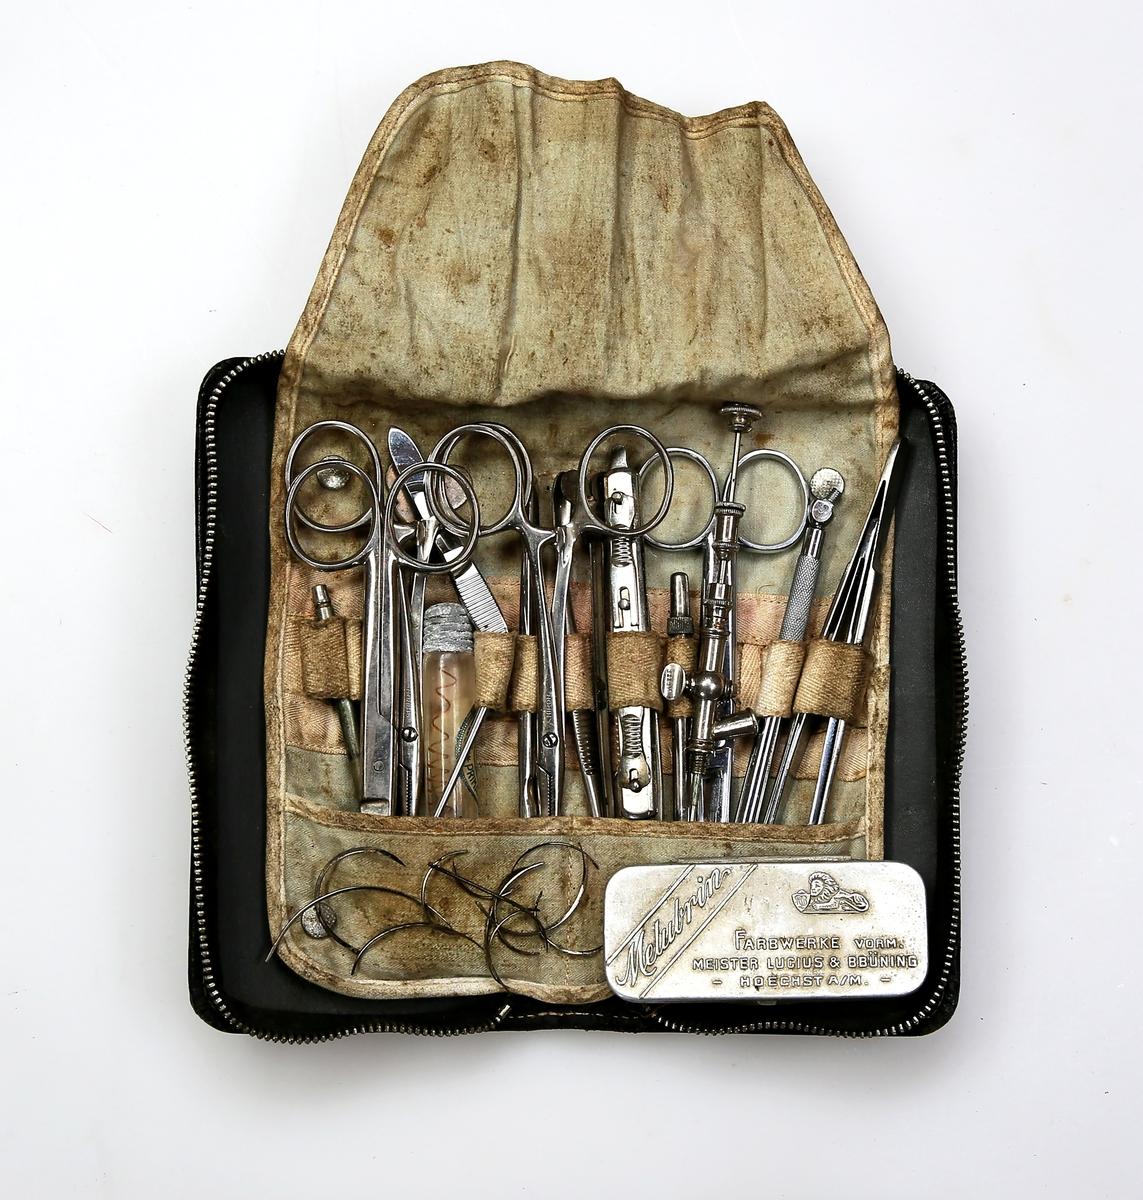 Skinnetui med diverse instrumenter for mindre kirurgiske inngrep og skadebehandling, herunder sakser, kniver, pinsetter, suturnåler, suturtråd, nåleholder, injeksjonsnåler